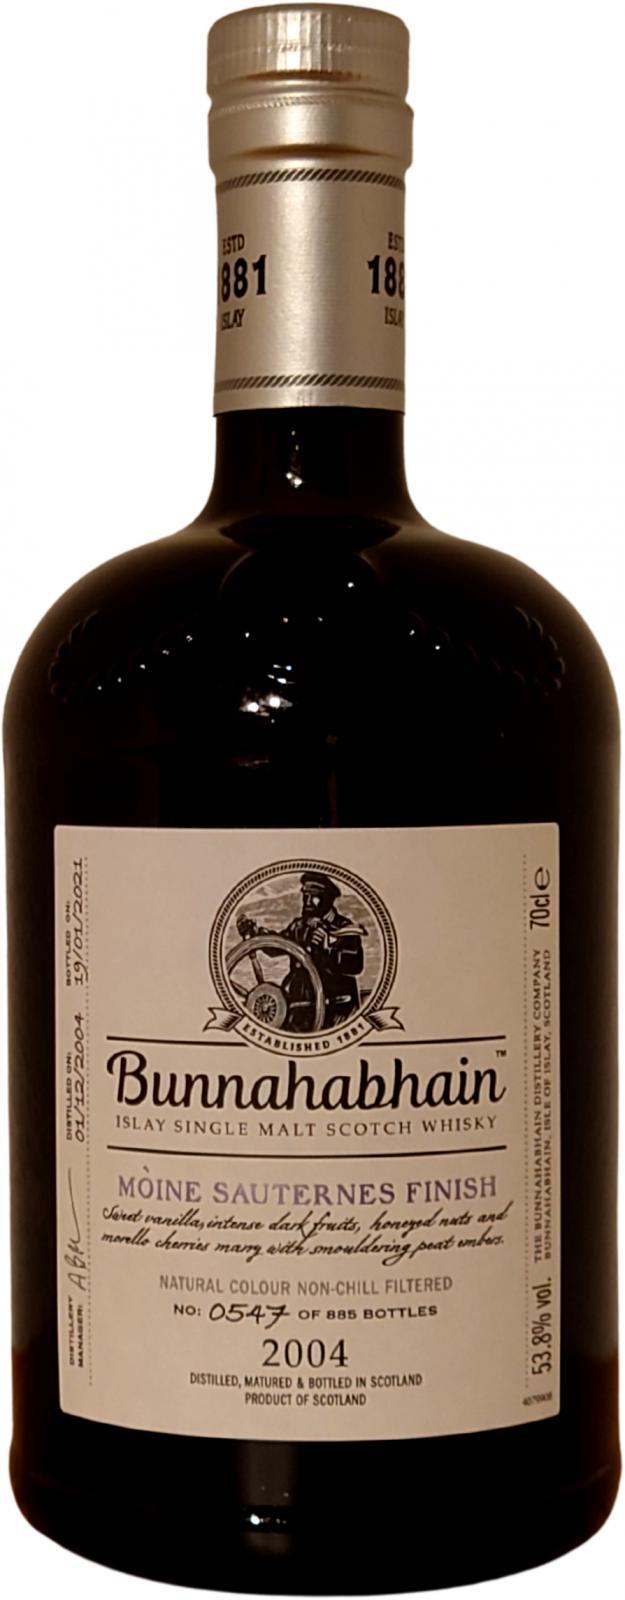 Bunnahabhain 2004 Mòine